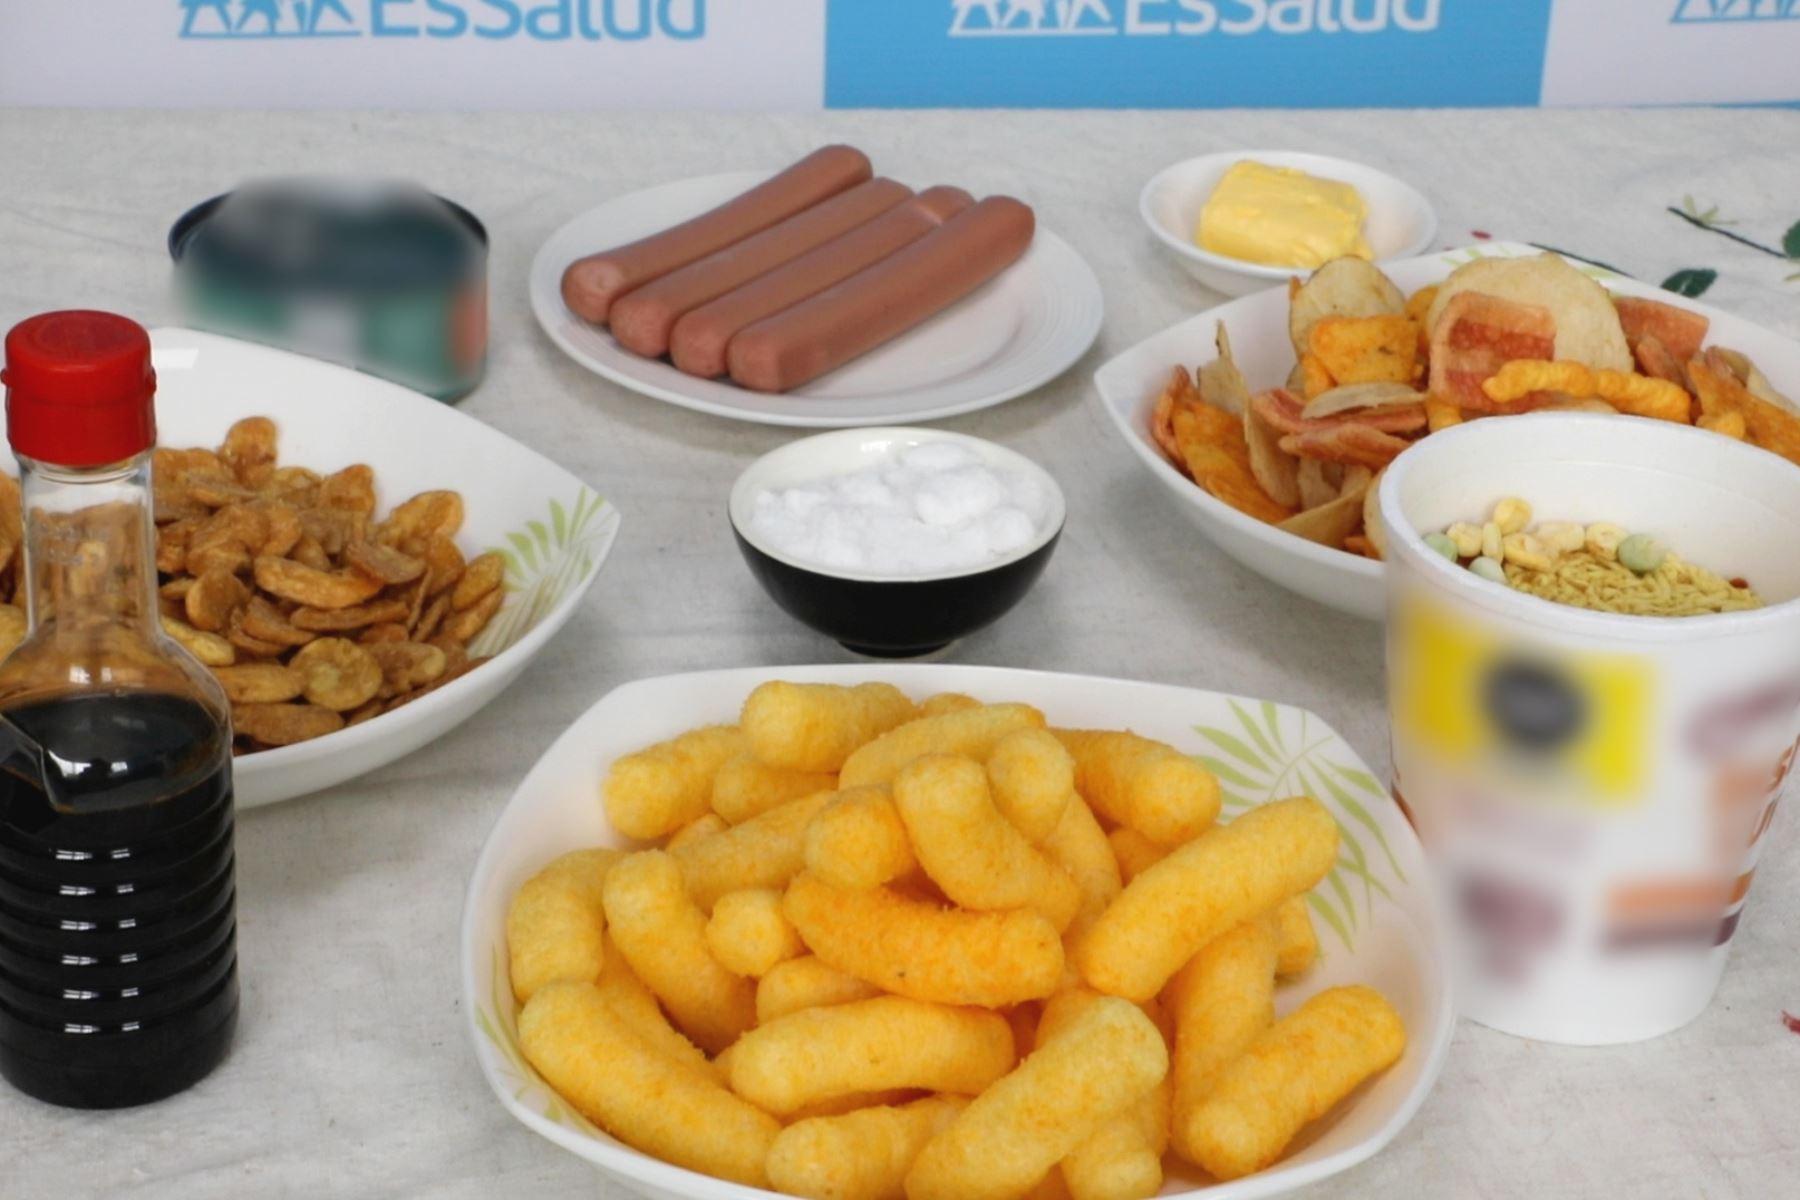 ¡Cuidado! Consumo excesivo de sal intensifican daños de las enfermedades crónicas. Foto: ANDINA/Difusión.